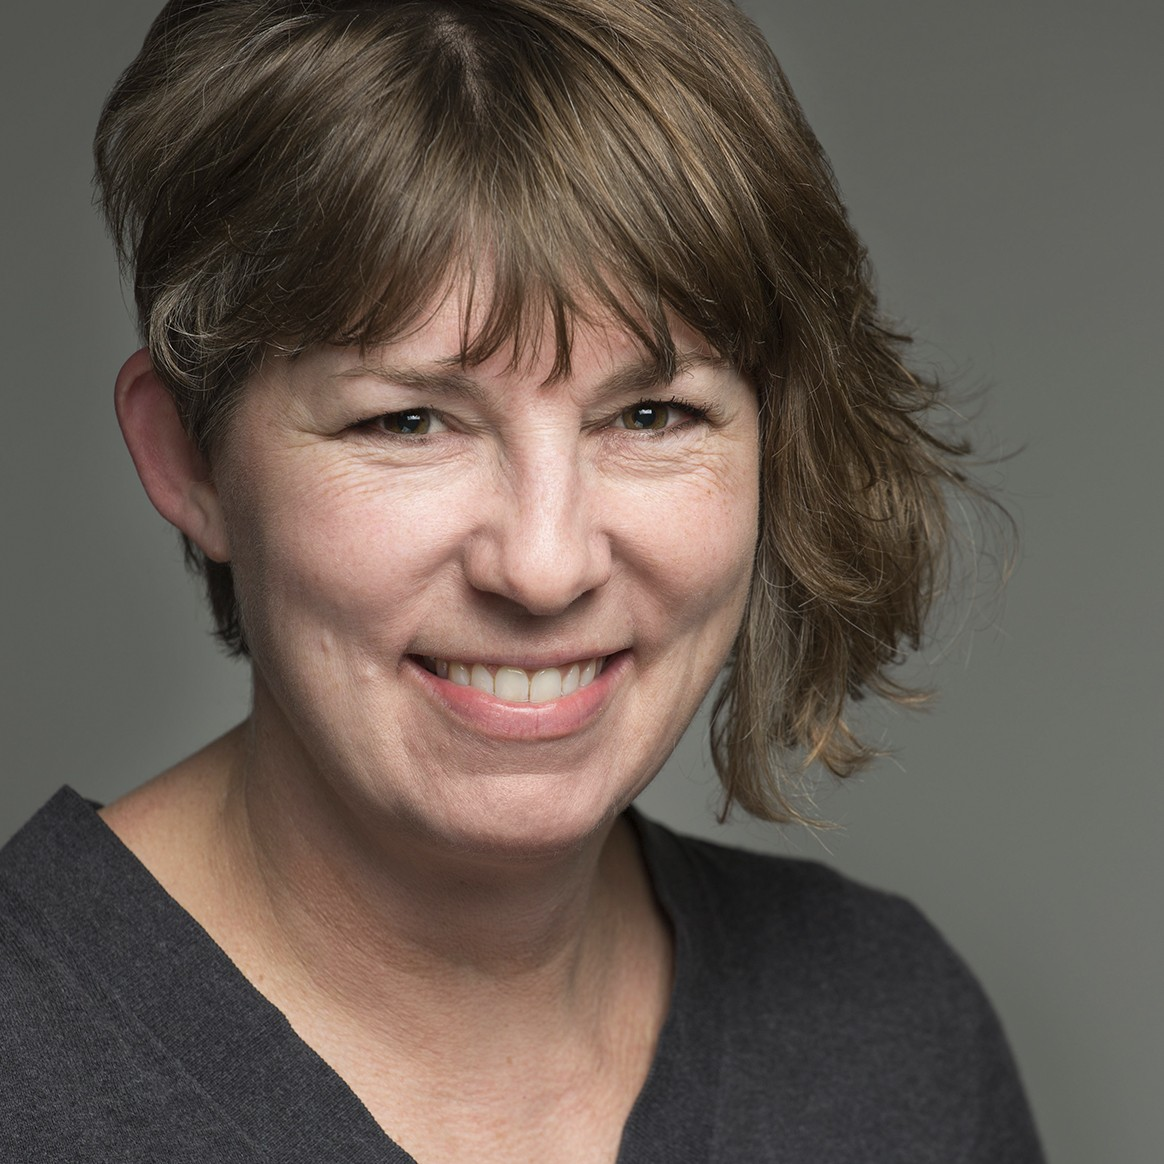 Headshot of Penn State Professor of Art Cristin Millett